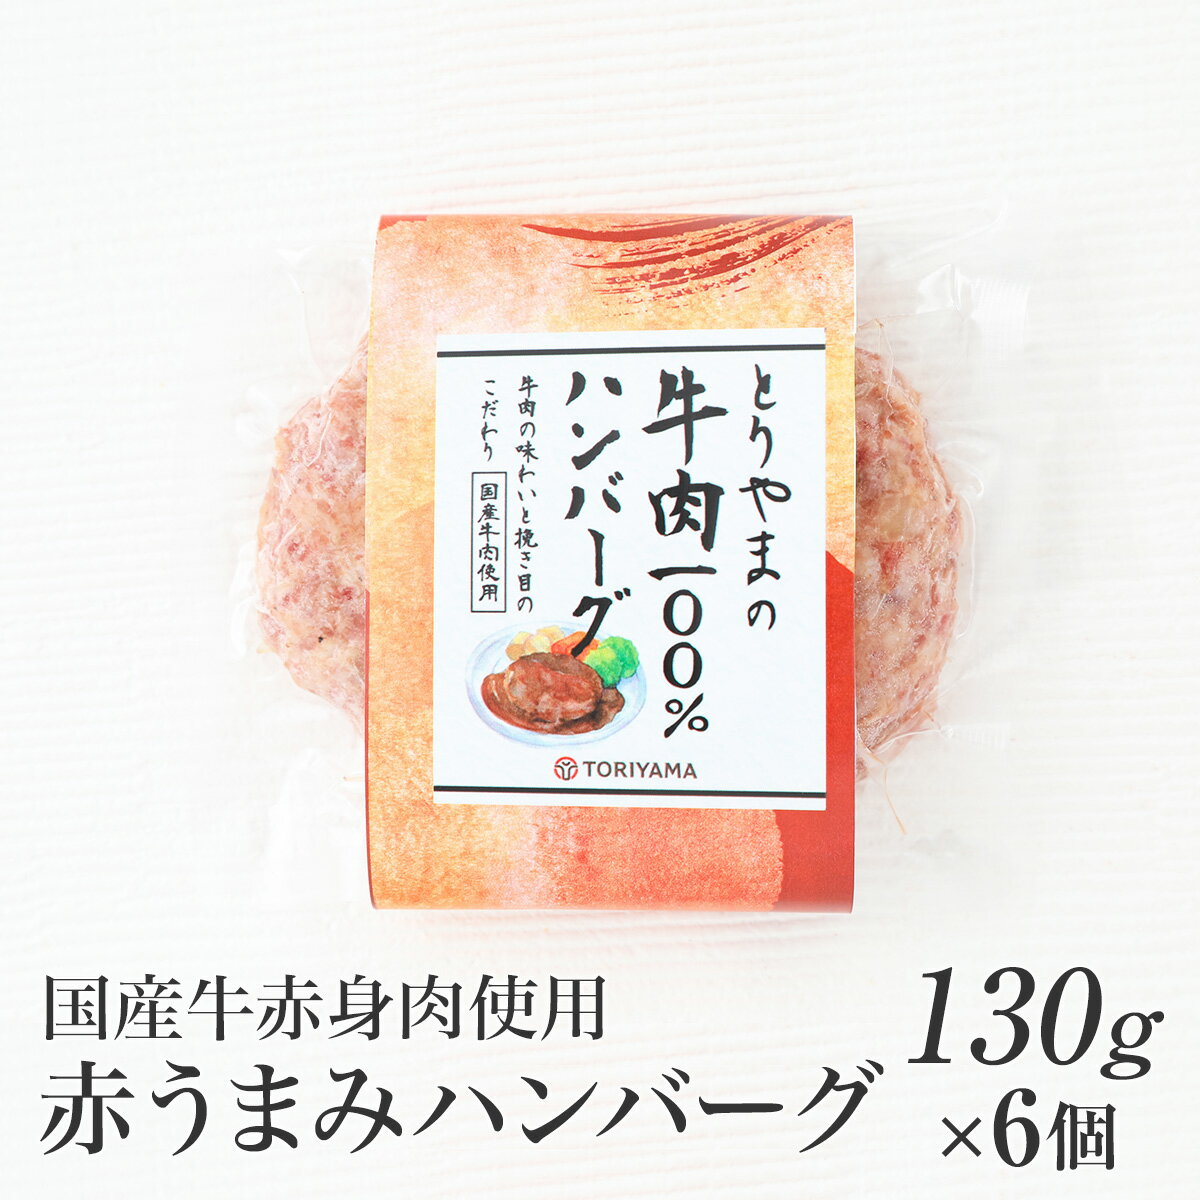 内祝い ギフト 赤うまみハンバーグ(国産牛赤身肉使用)130g×6 赤城牛・赤城和牛・牛肉 ギフトのとりやま